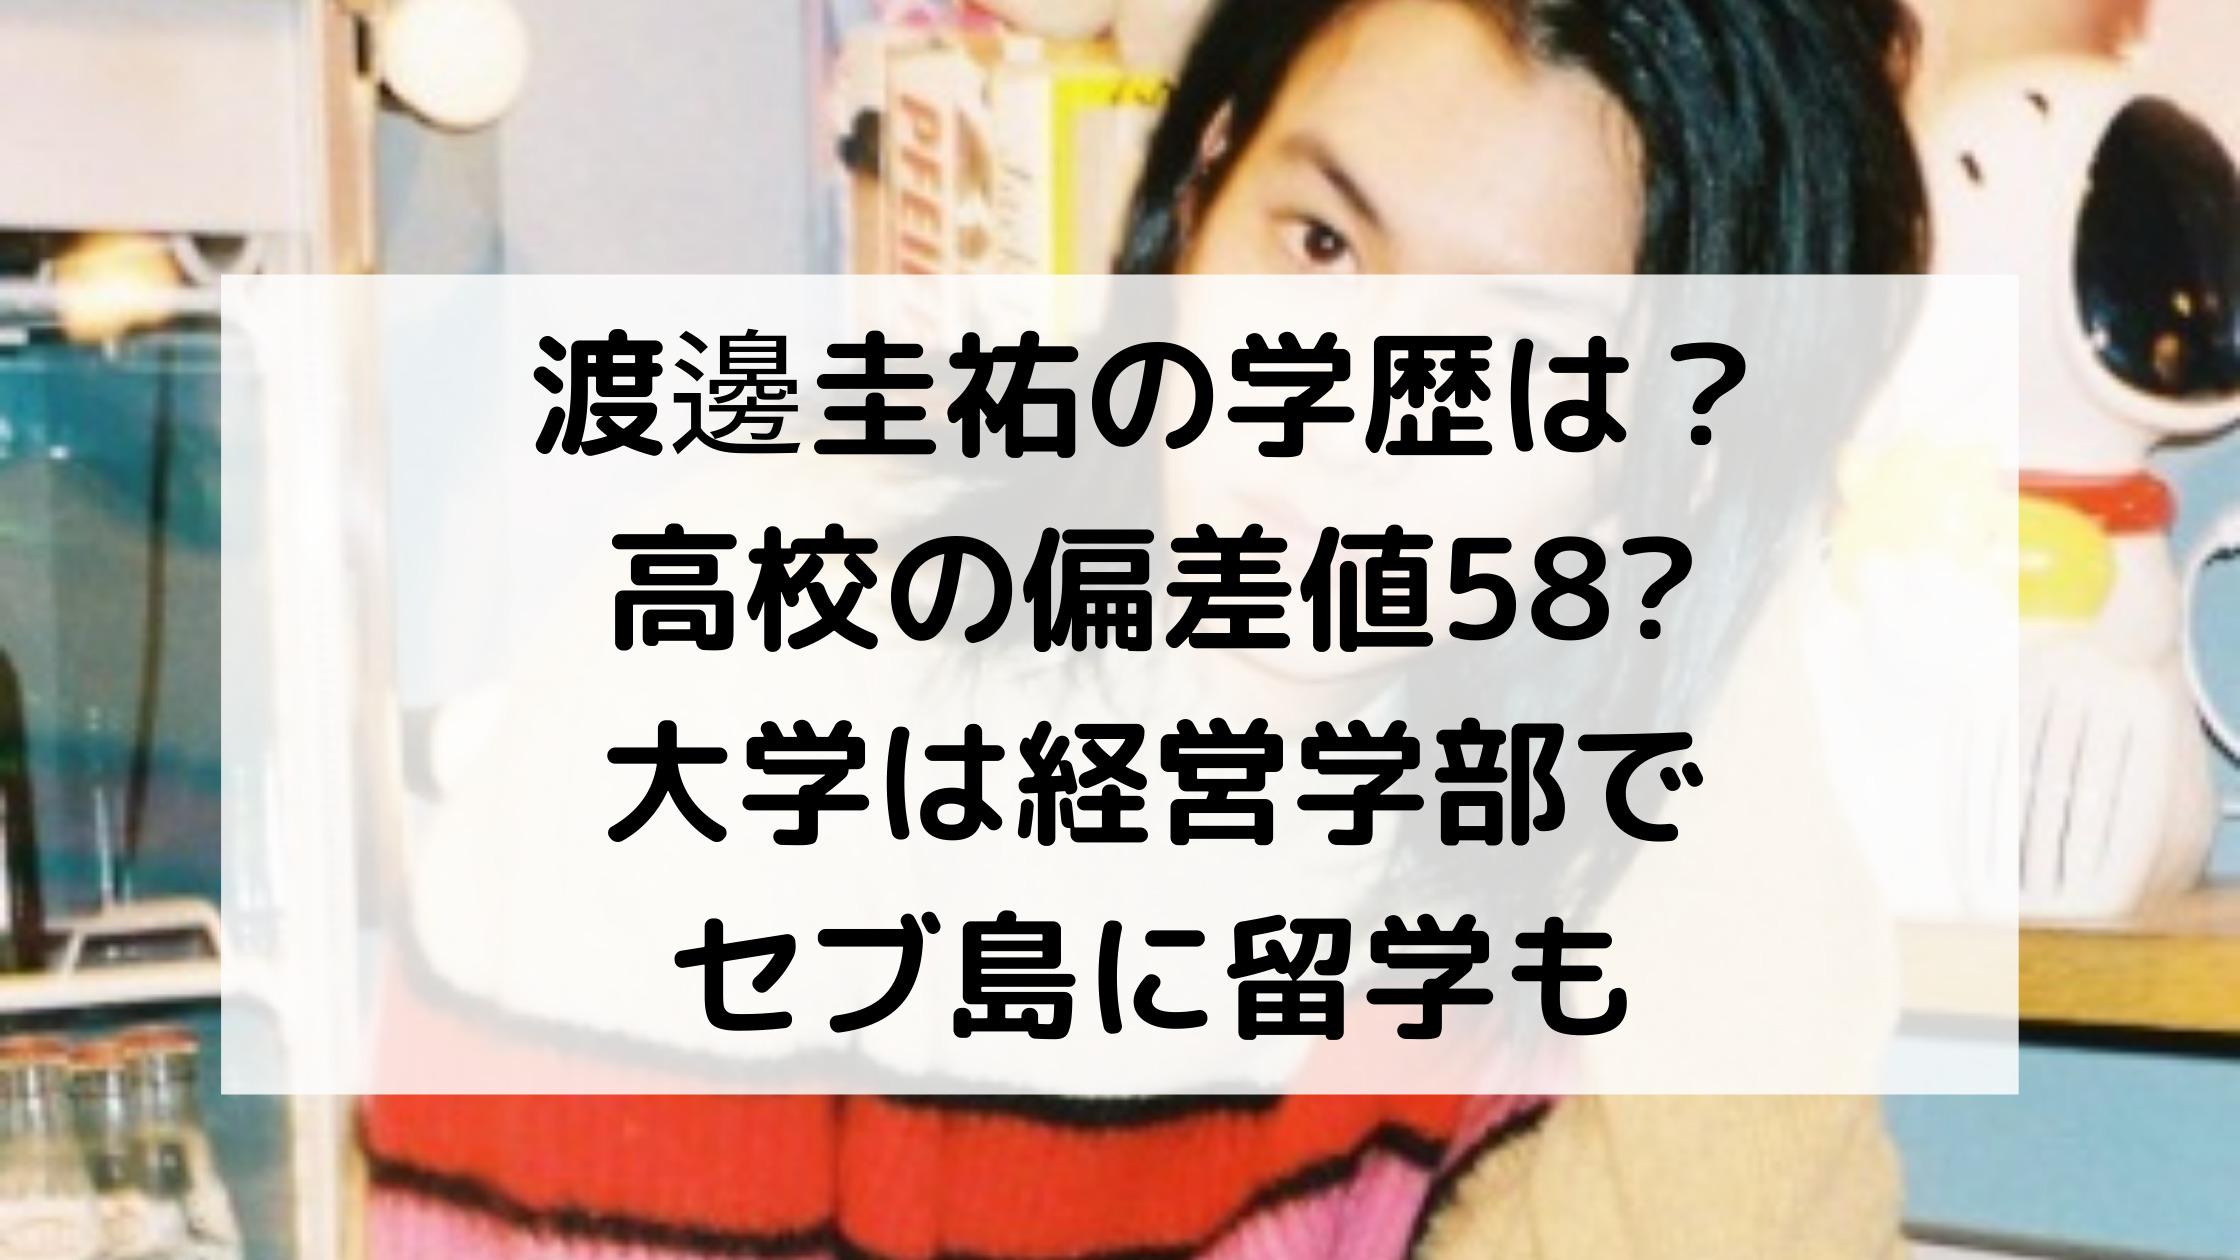 渡邊圭祐 学歴 高校の偏差値 大学